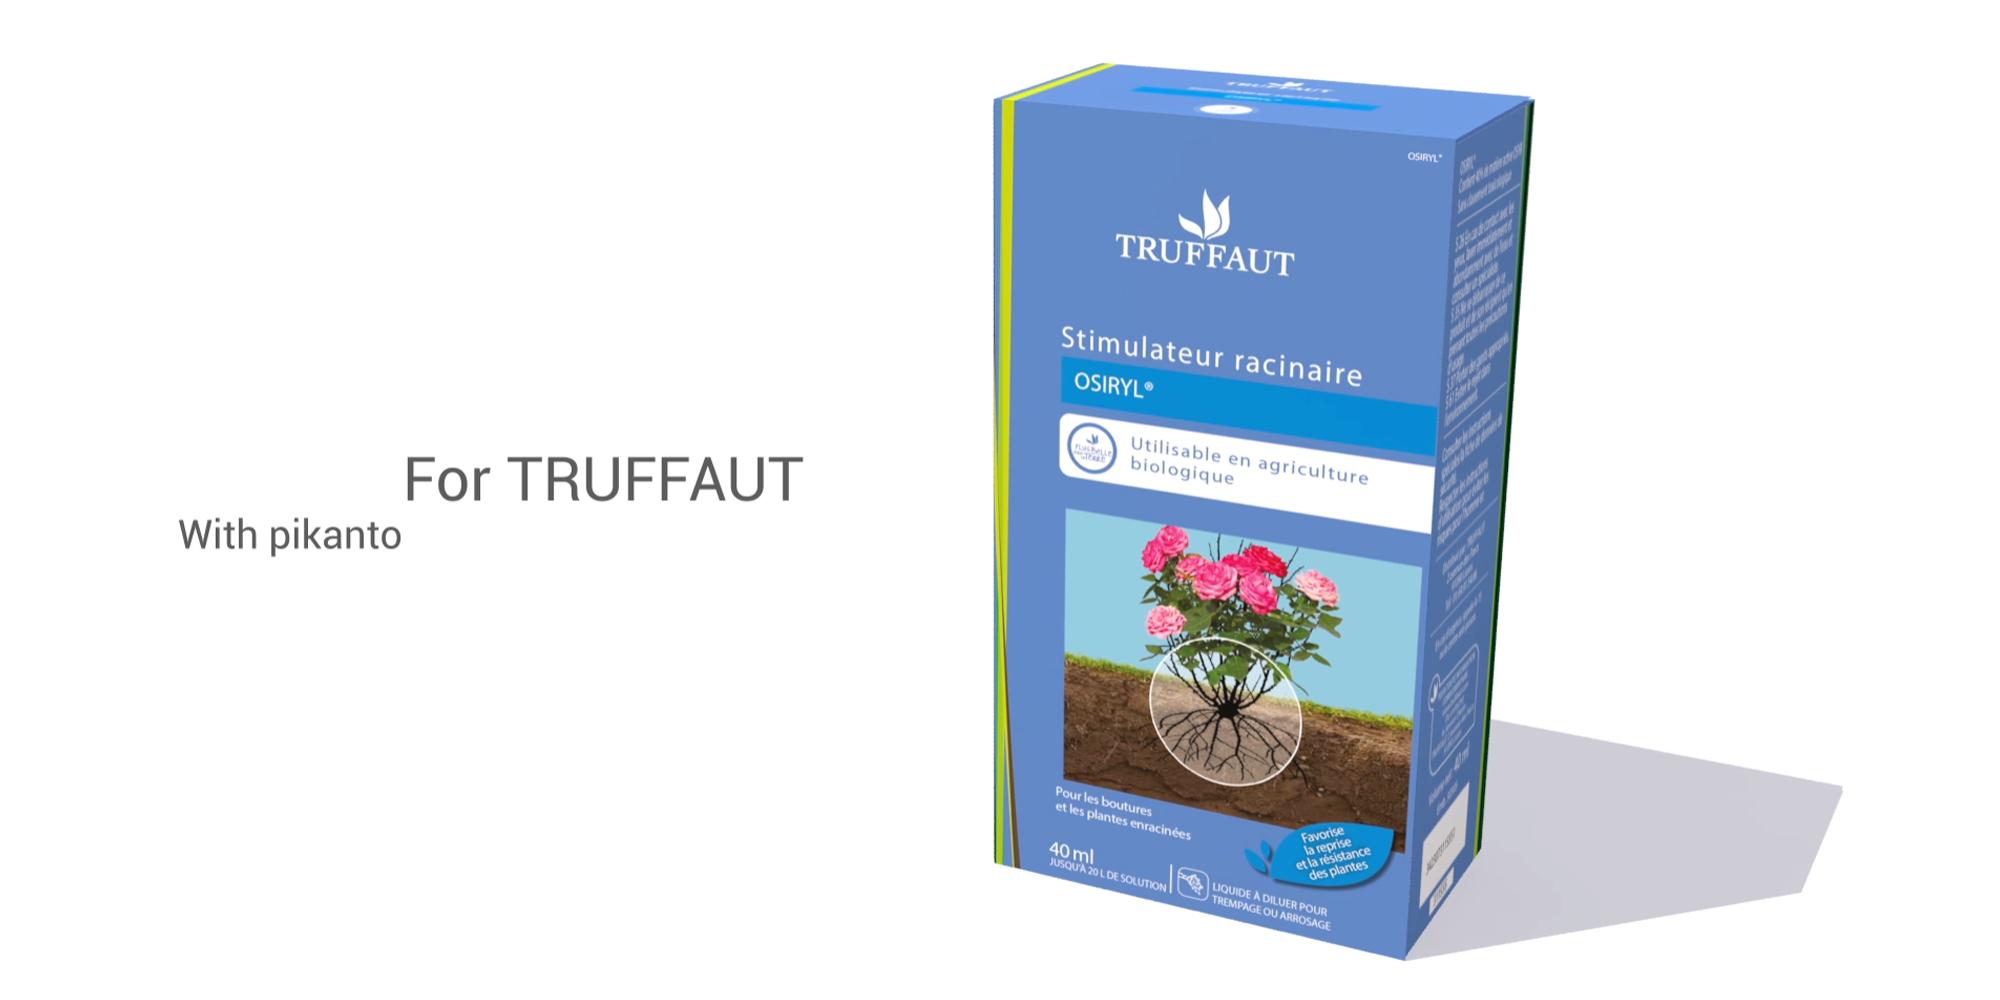 truffaut_004